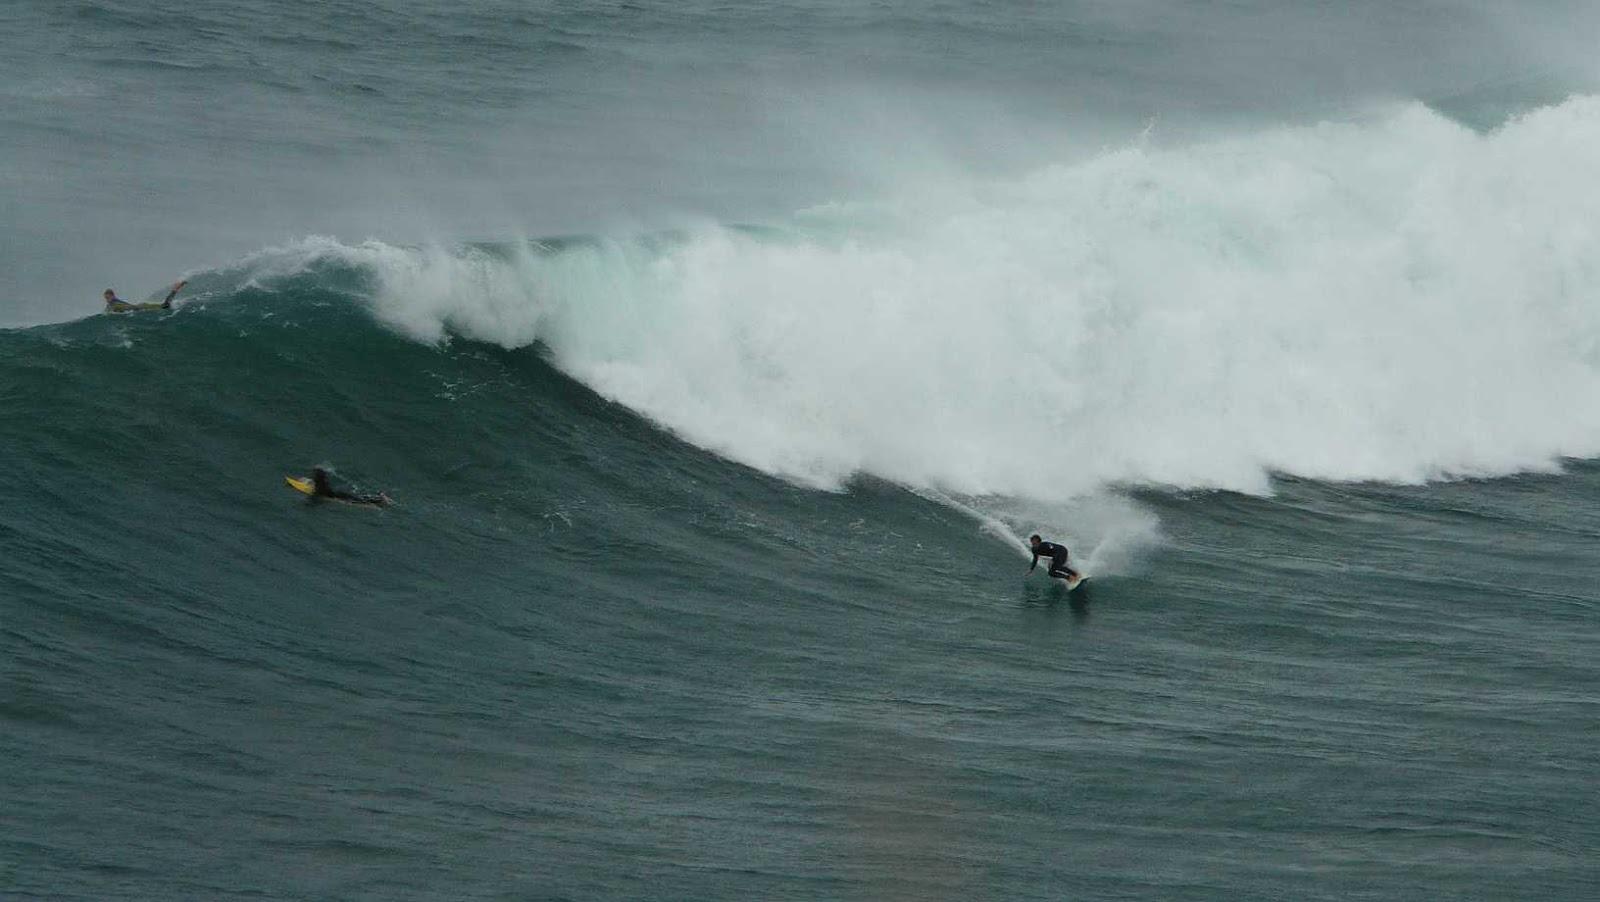 sesion otono menakoz septiembre 2015 surf olas grandes 27